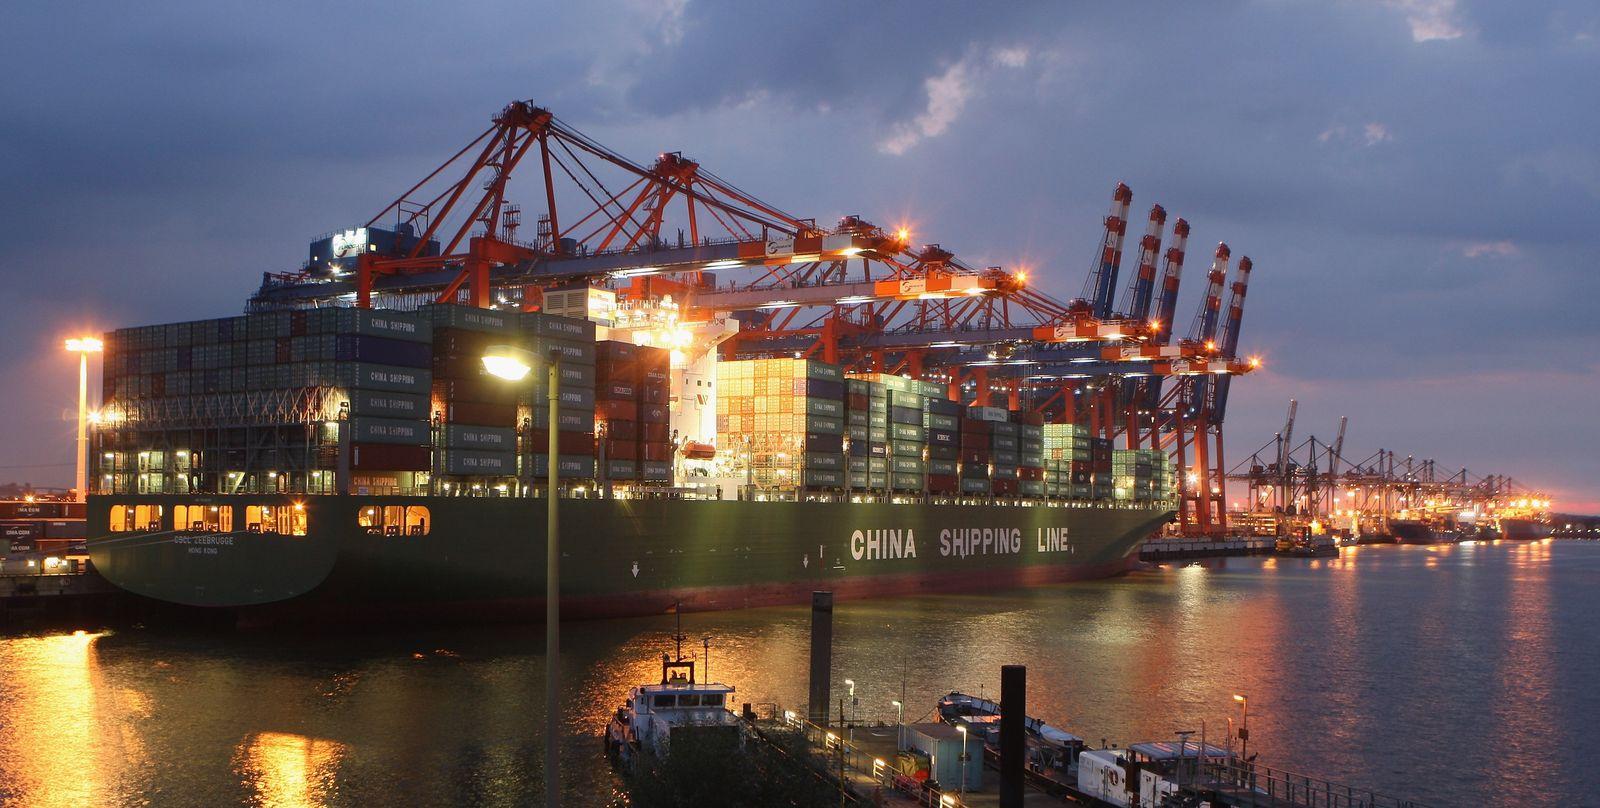 Hafen Hamburg / Containerschiff / Globalisierung